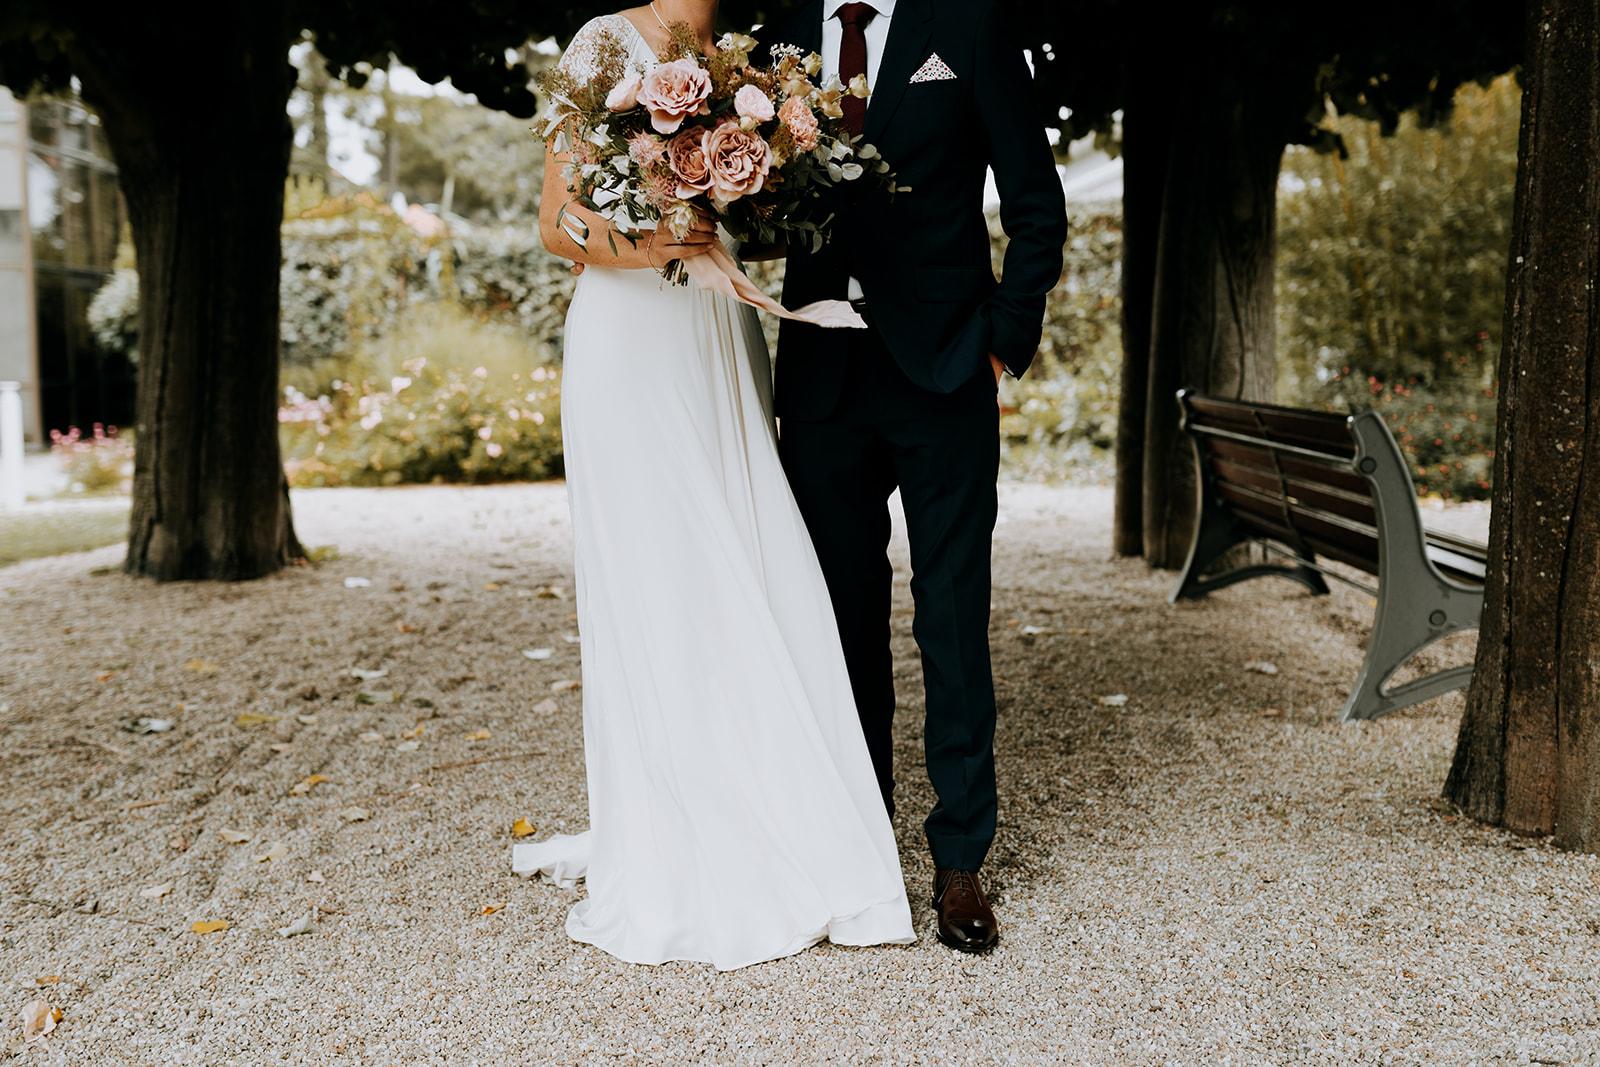 fleuriste mariage nantes Robe de mariée, costume de marié élégance bouquet de mariée